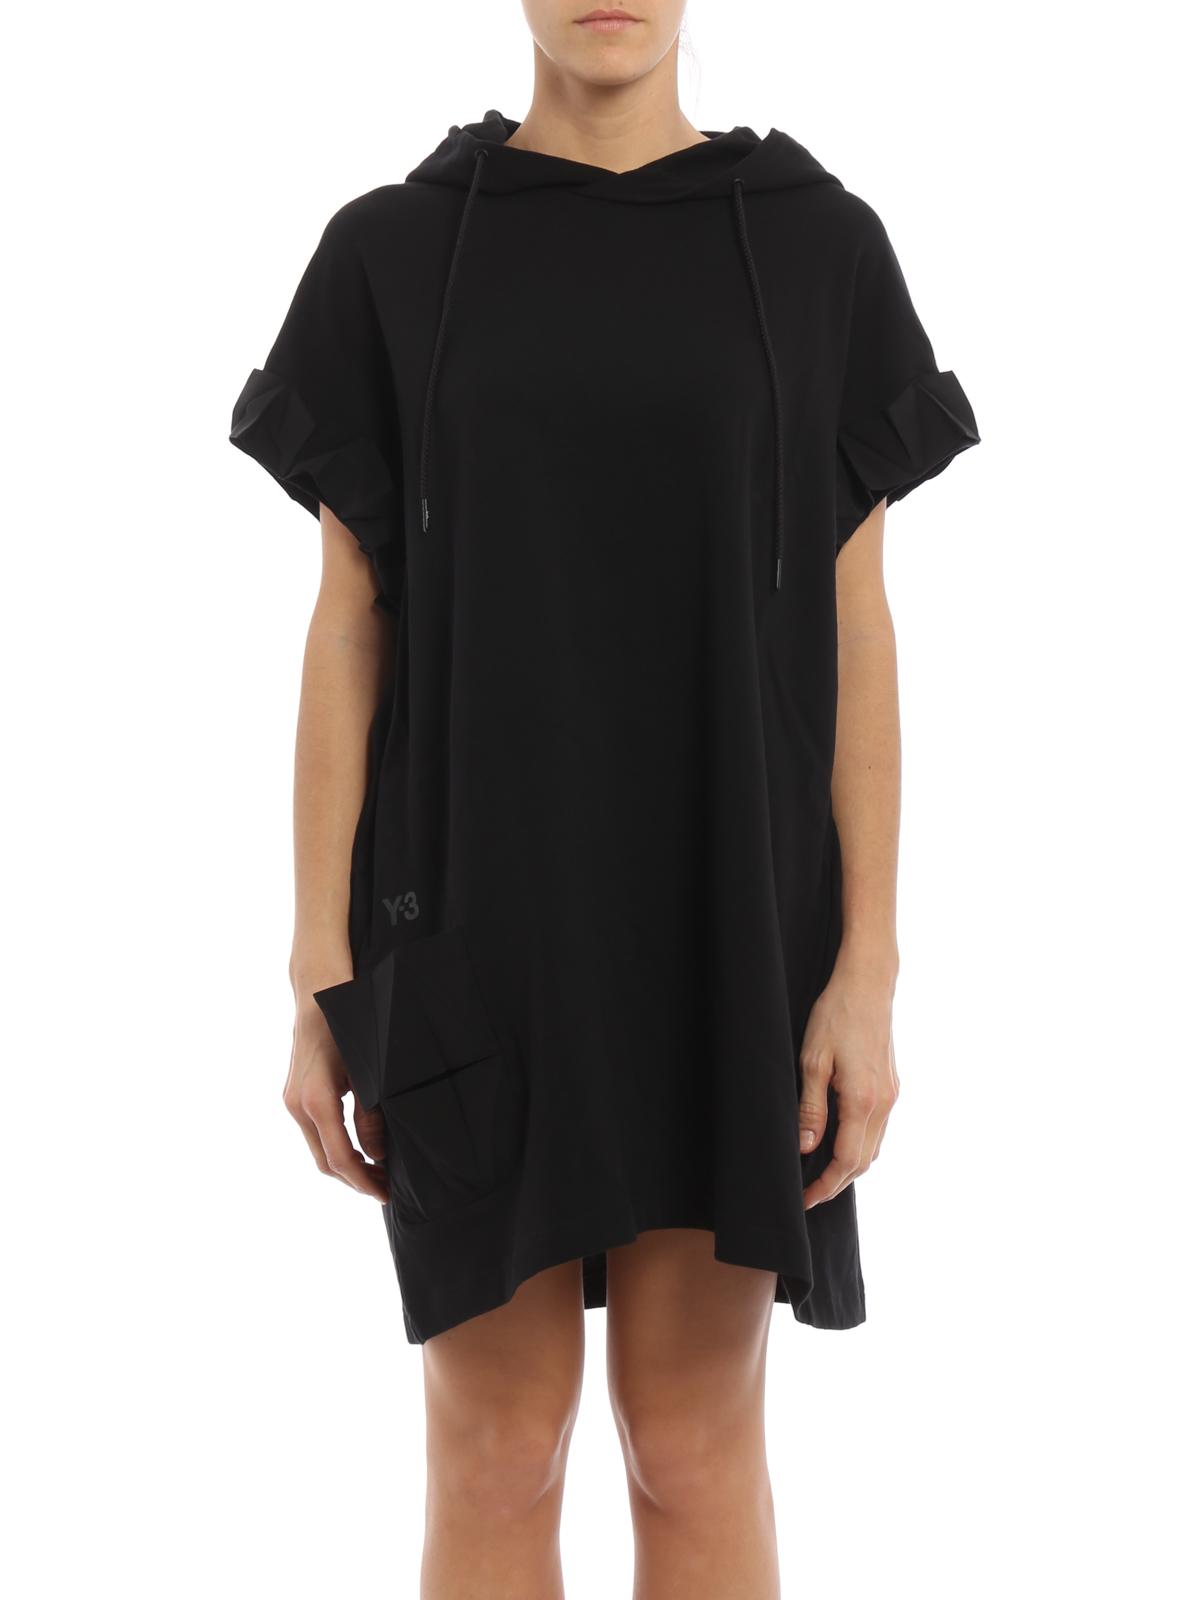 Mes Polinizar Fácil de leer  Adidas Y-3 - Vestido Corto Negro - Vestidos cortos - BR3460WFCRAFTDRESS